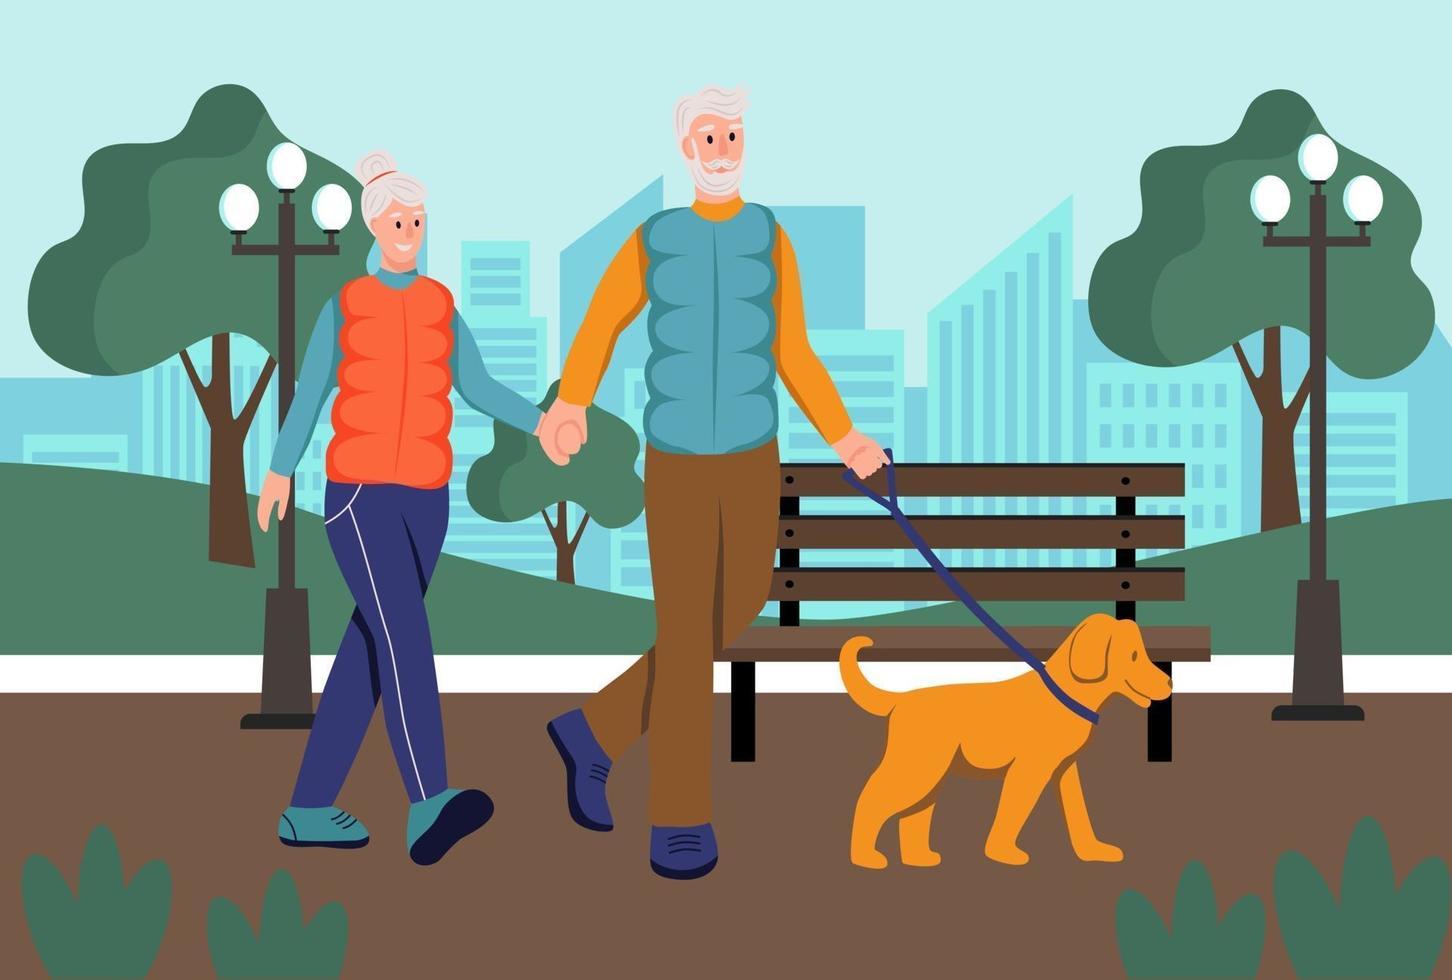 coppia di anziani a spasso il loro cane nel parco.il concetto di vecchiaia attiva. giorno degli anziani. illustrazione vettoriale di cartone animato piatto.